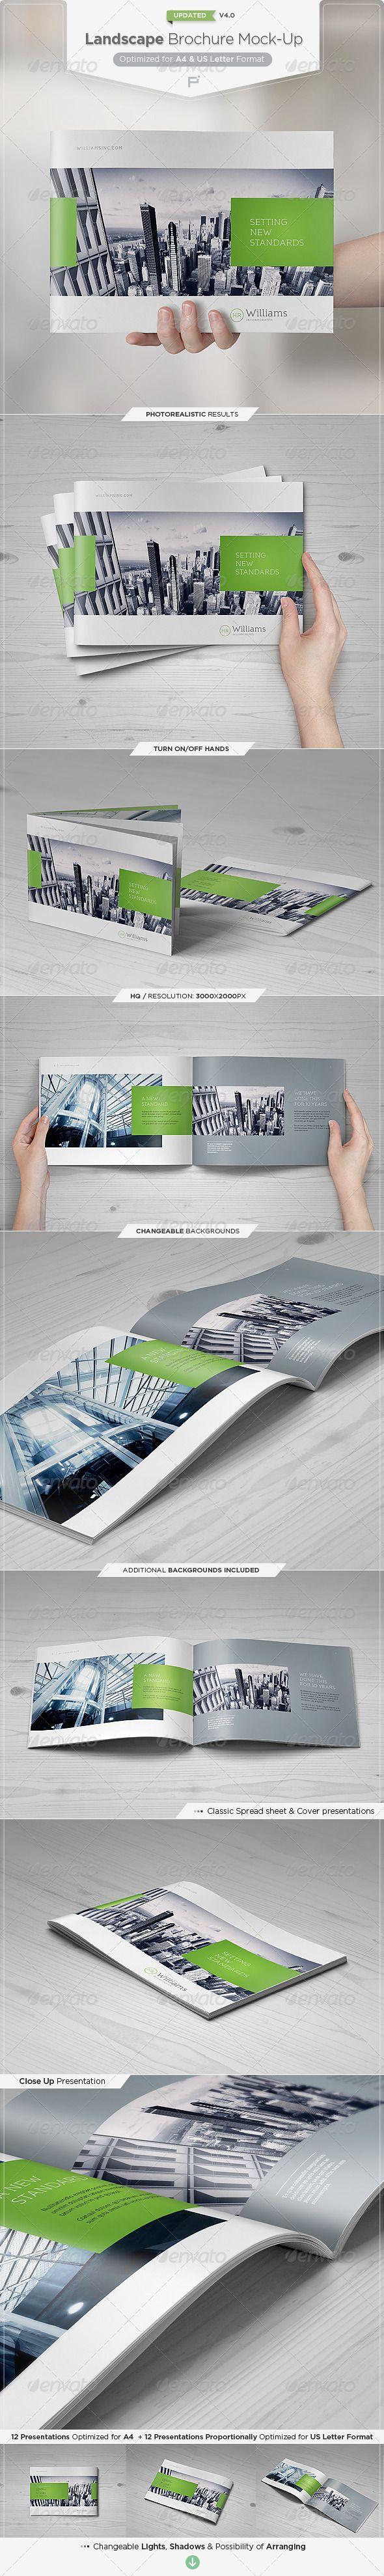 Landscape Brochure Mock-Up Set #brochuremockup mockup Download: http://graphicriver.net/item/landscape-brochure-mockup-set/3931284?ref=ksioks